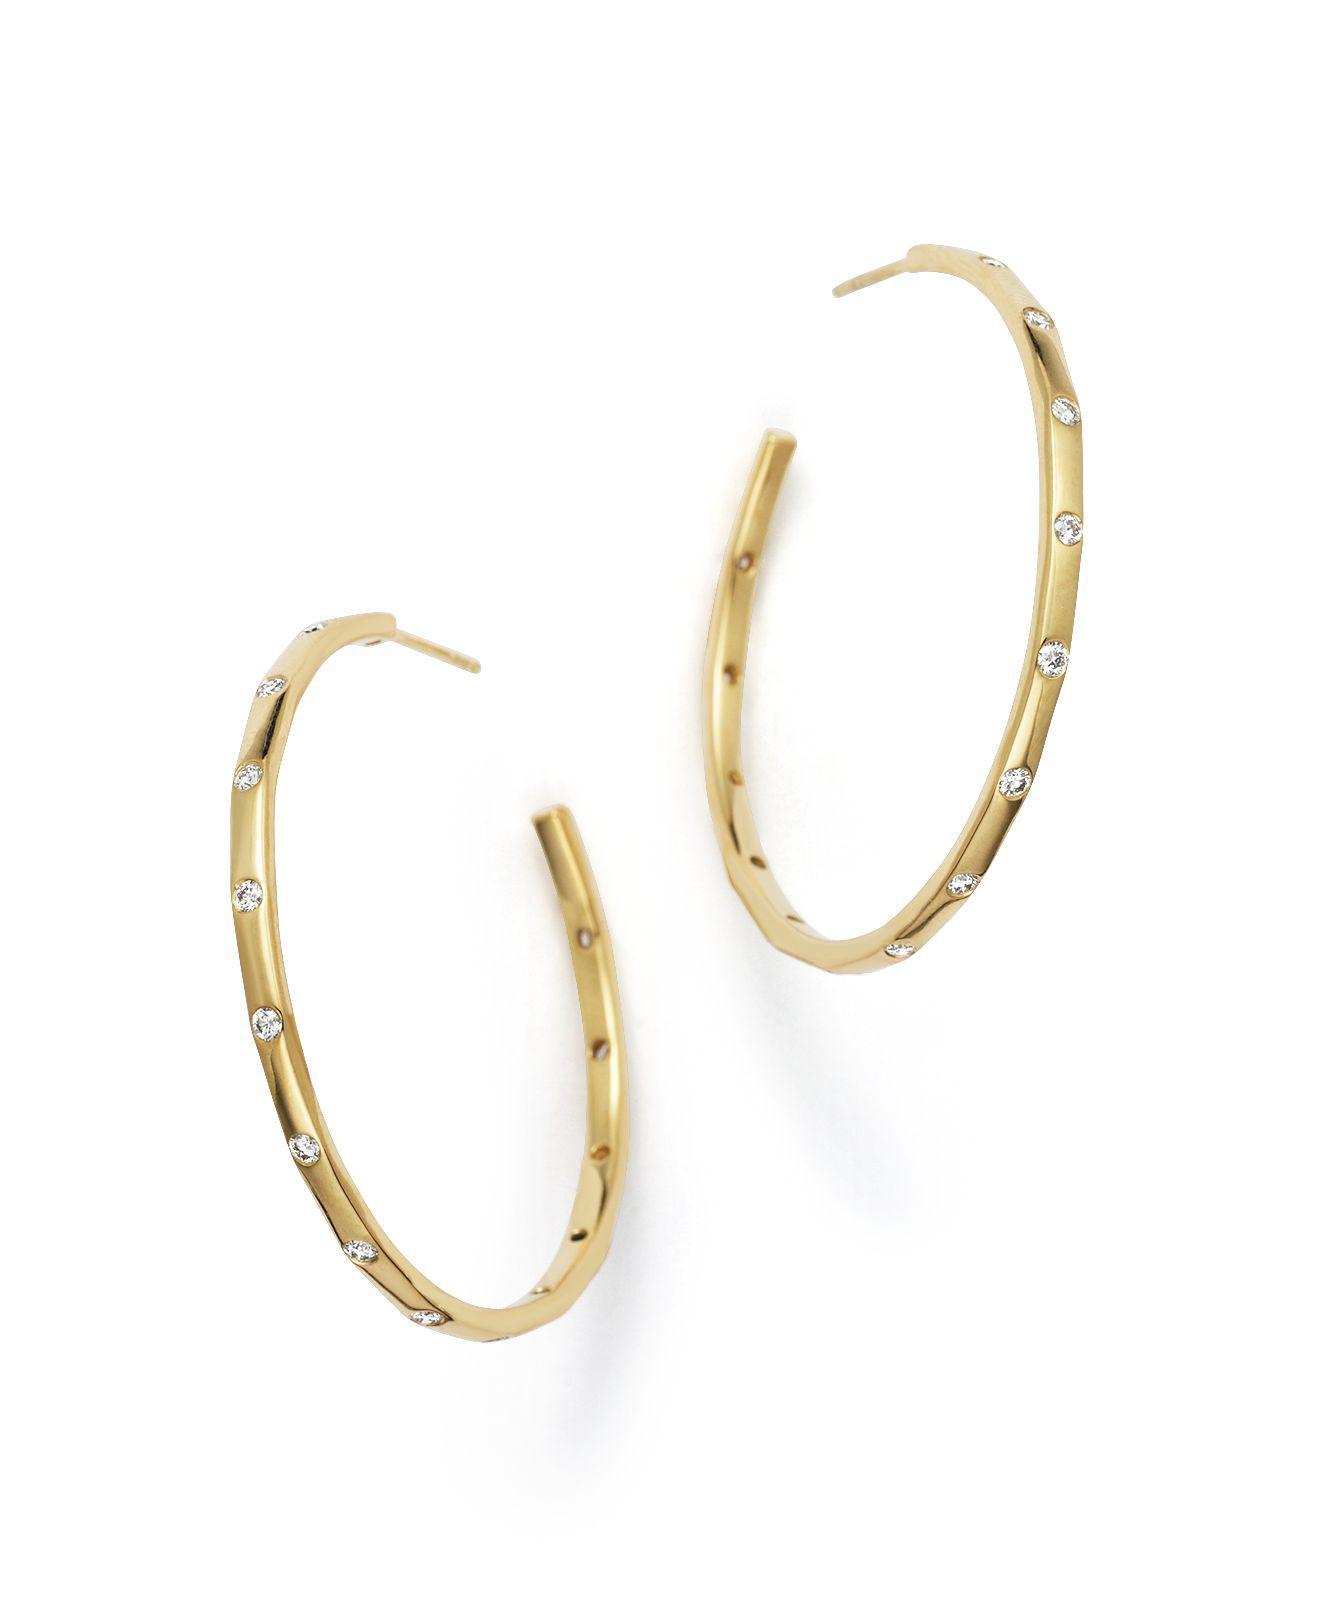 Ippolita 18k Glamazon Stardust Long Earrings with Diamonds LPLTje9p4V